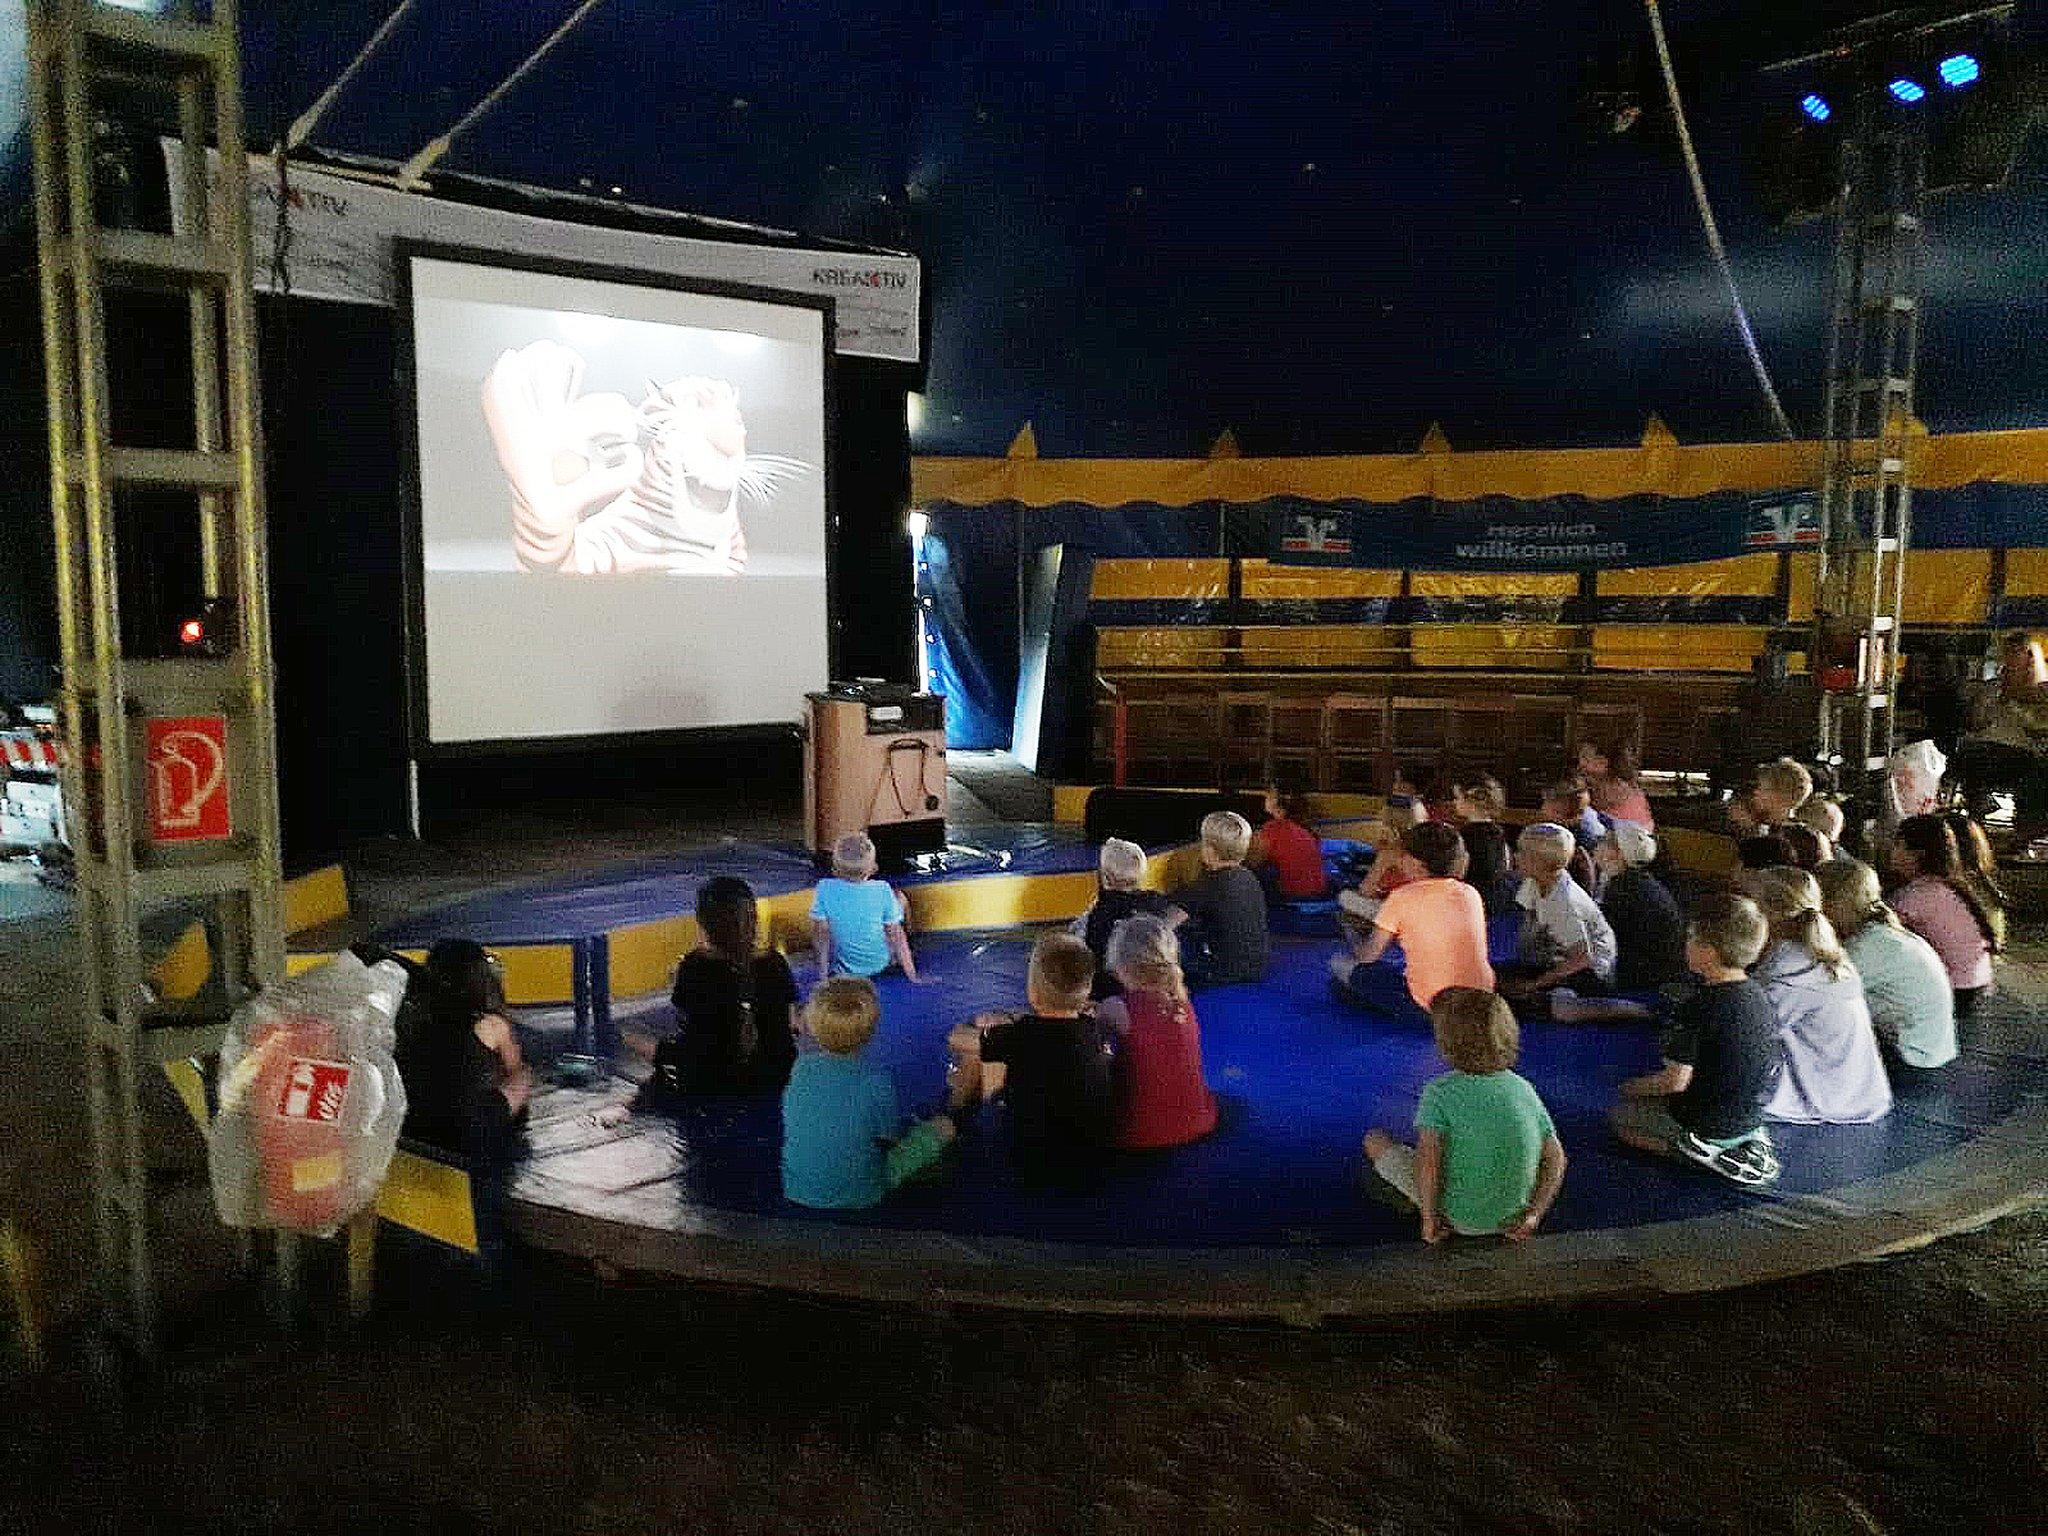 Kino Wesel